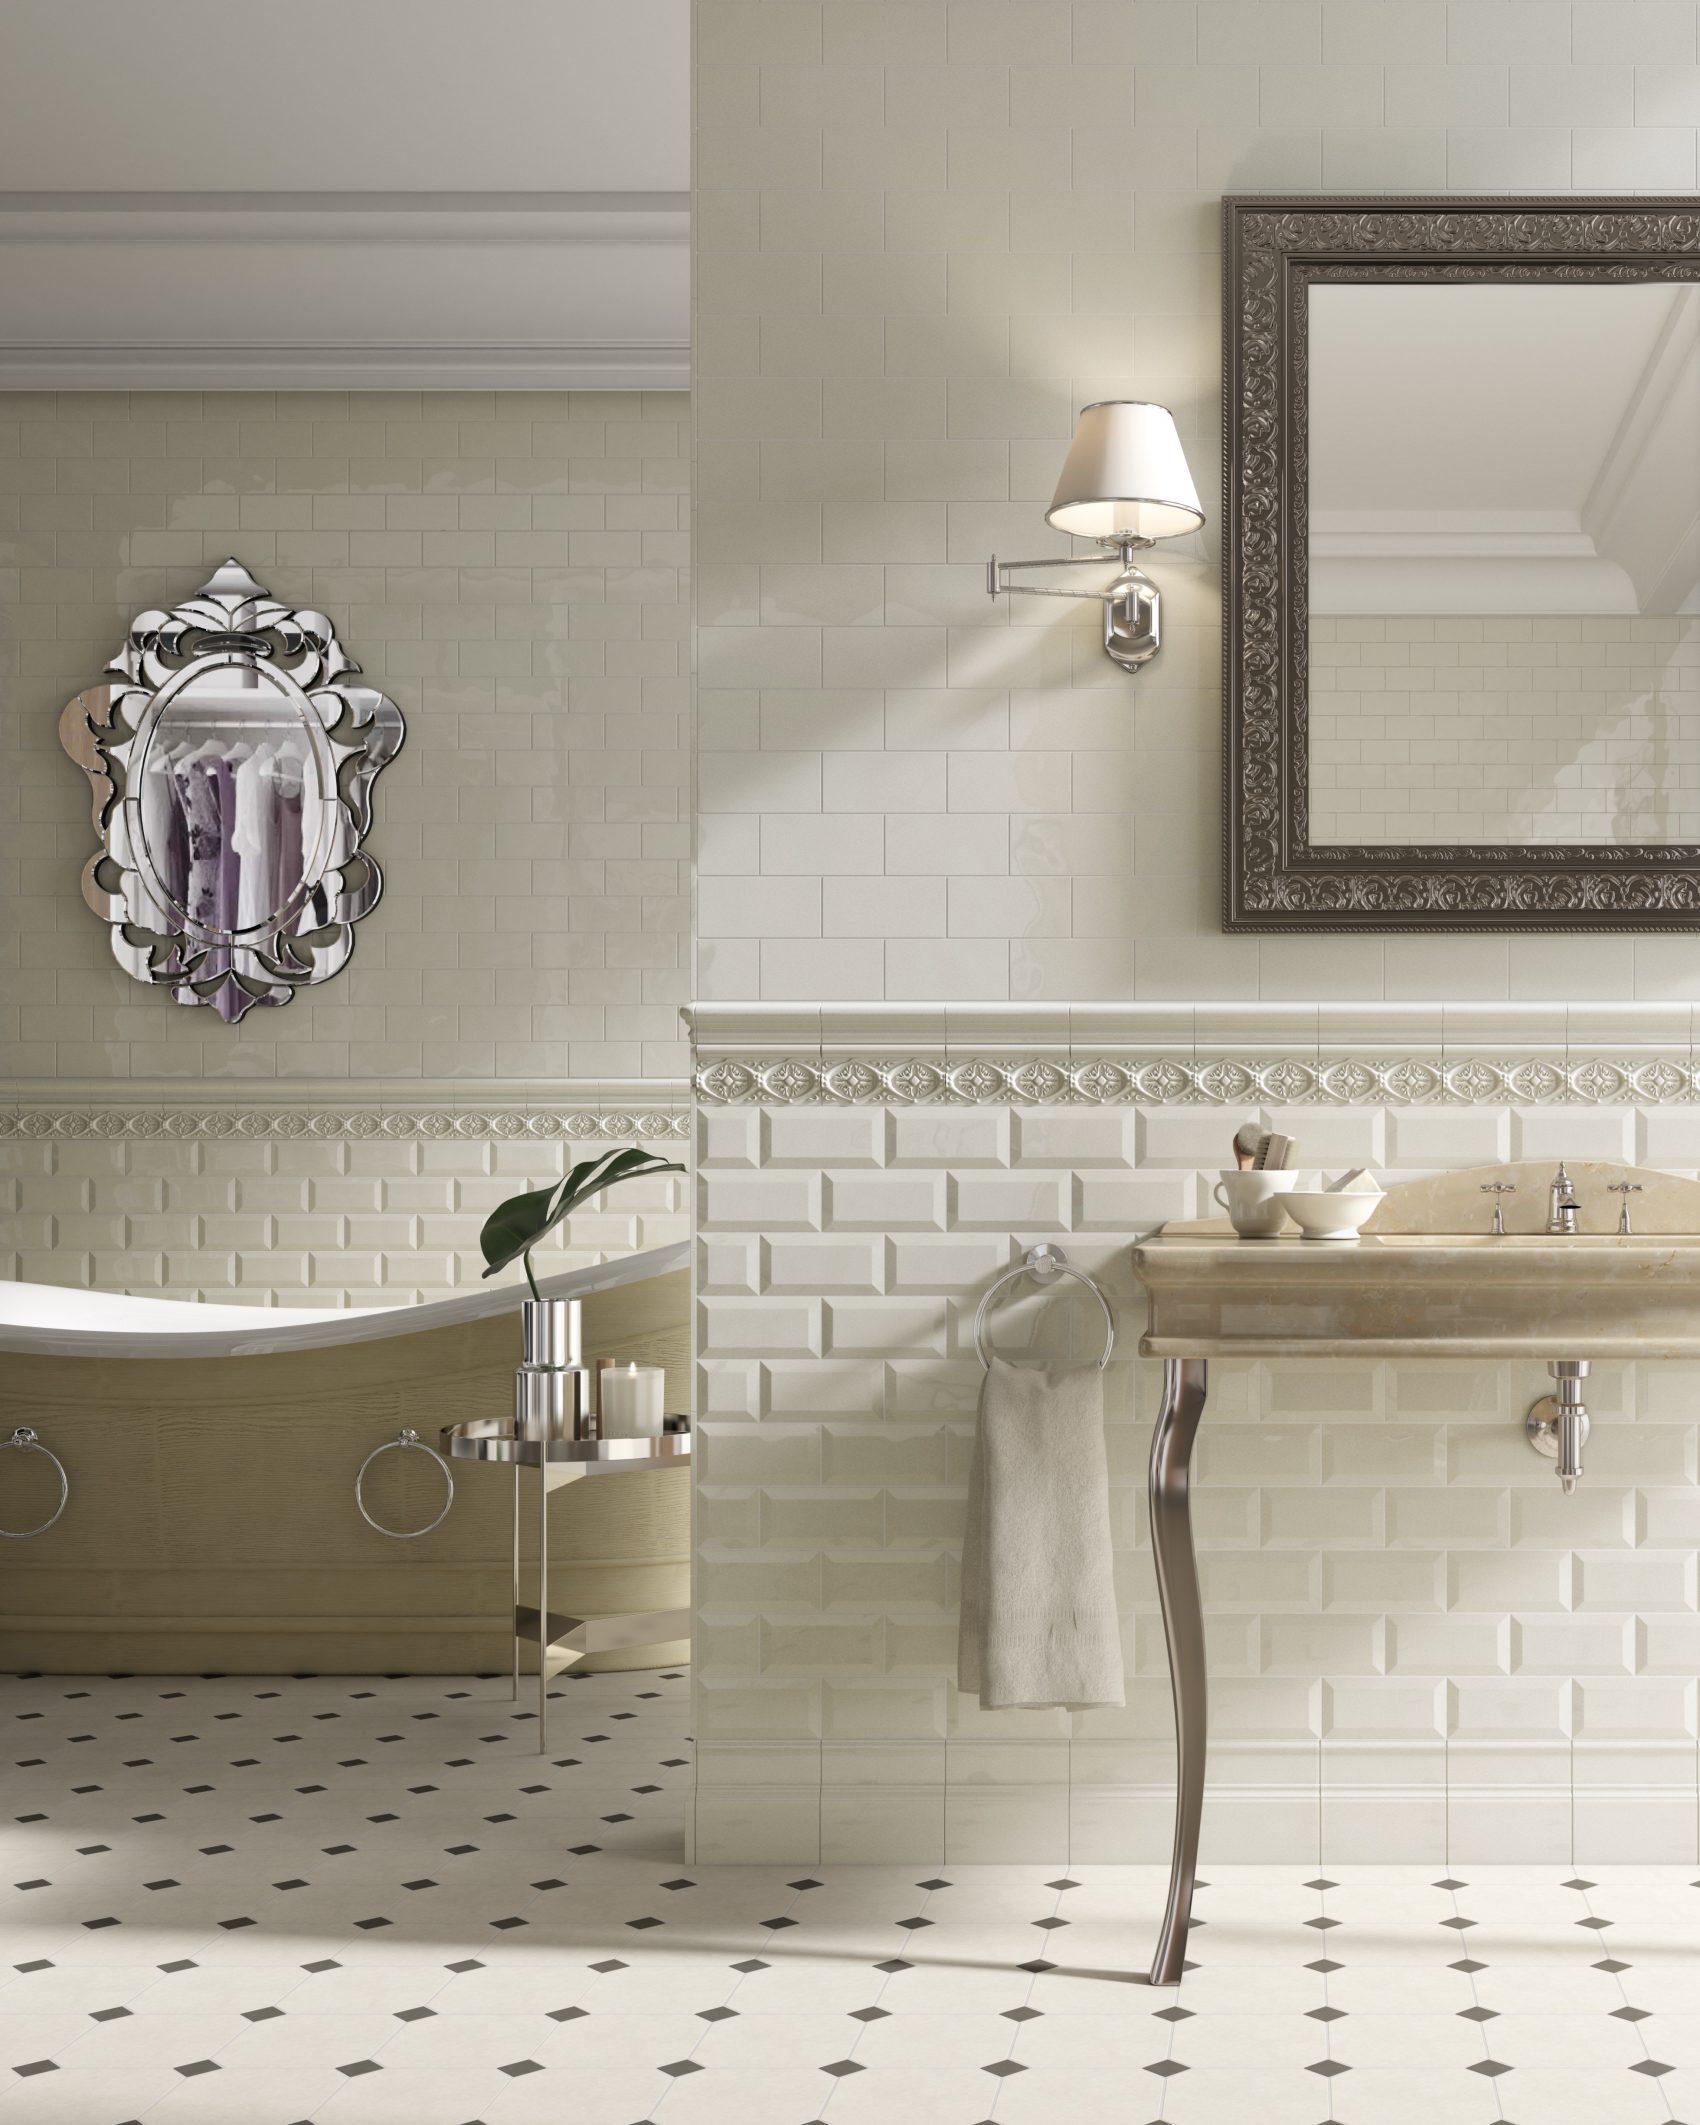 carreaux traditionnel, faïence espagnole, carreaux salle de bain